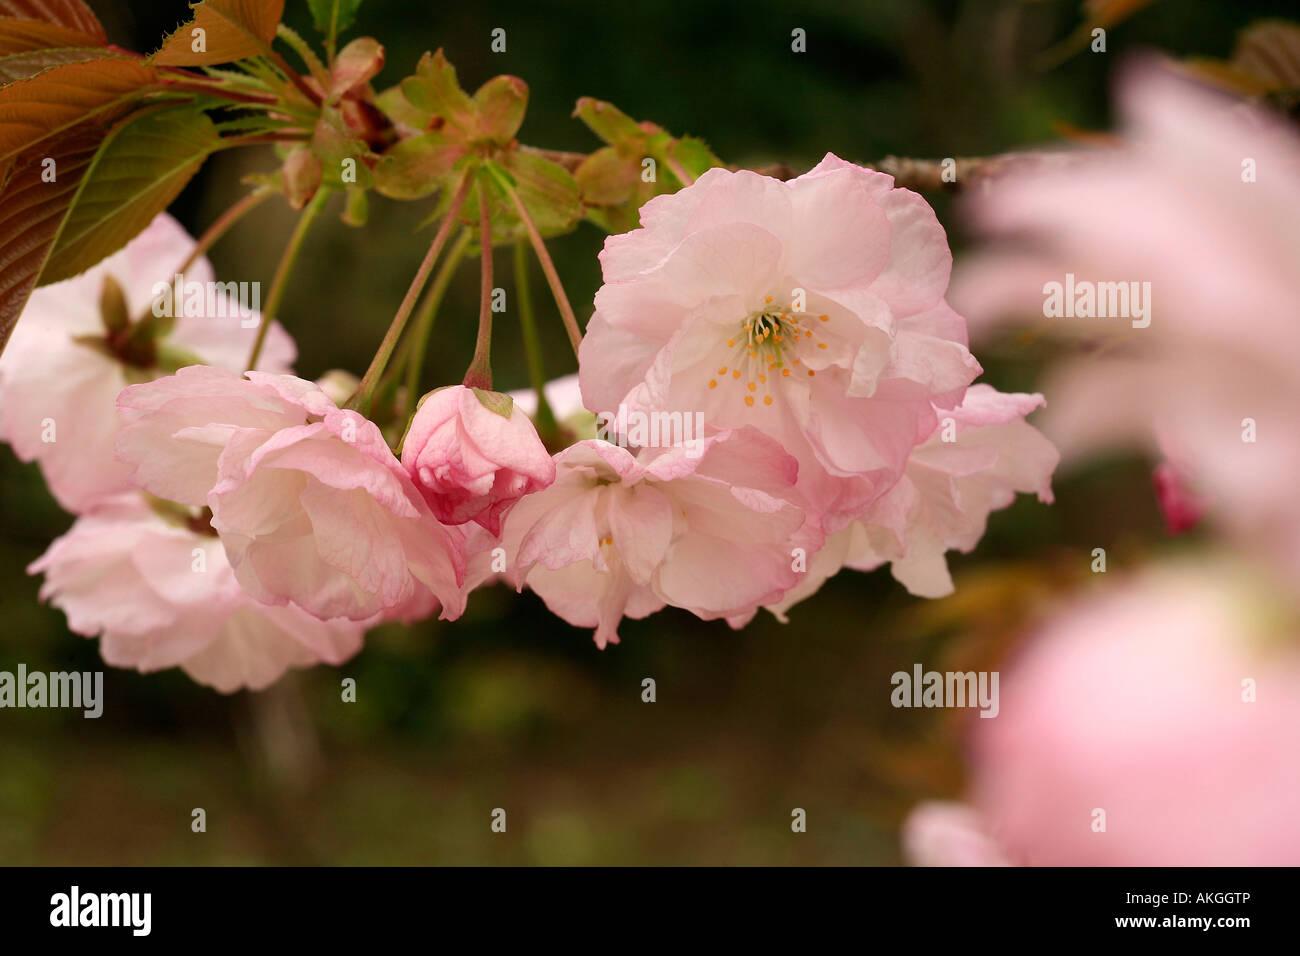 une plante Martin 18 janvier trouvée par Ajonc Hokusai-prunus-akggtp